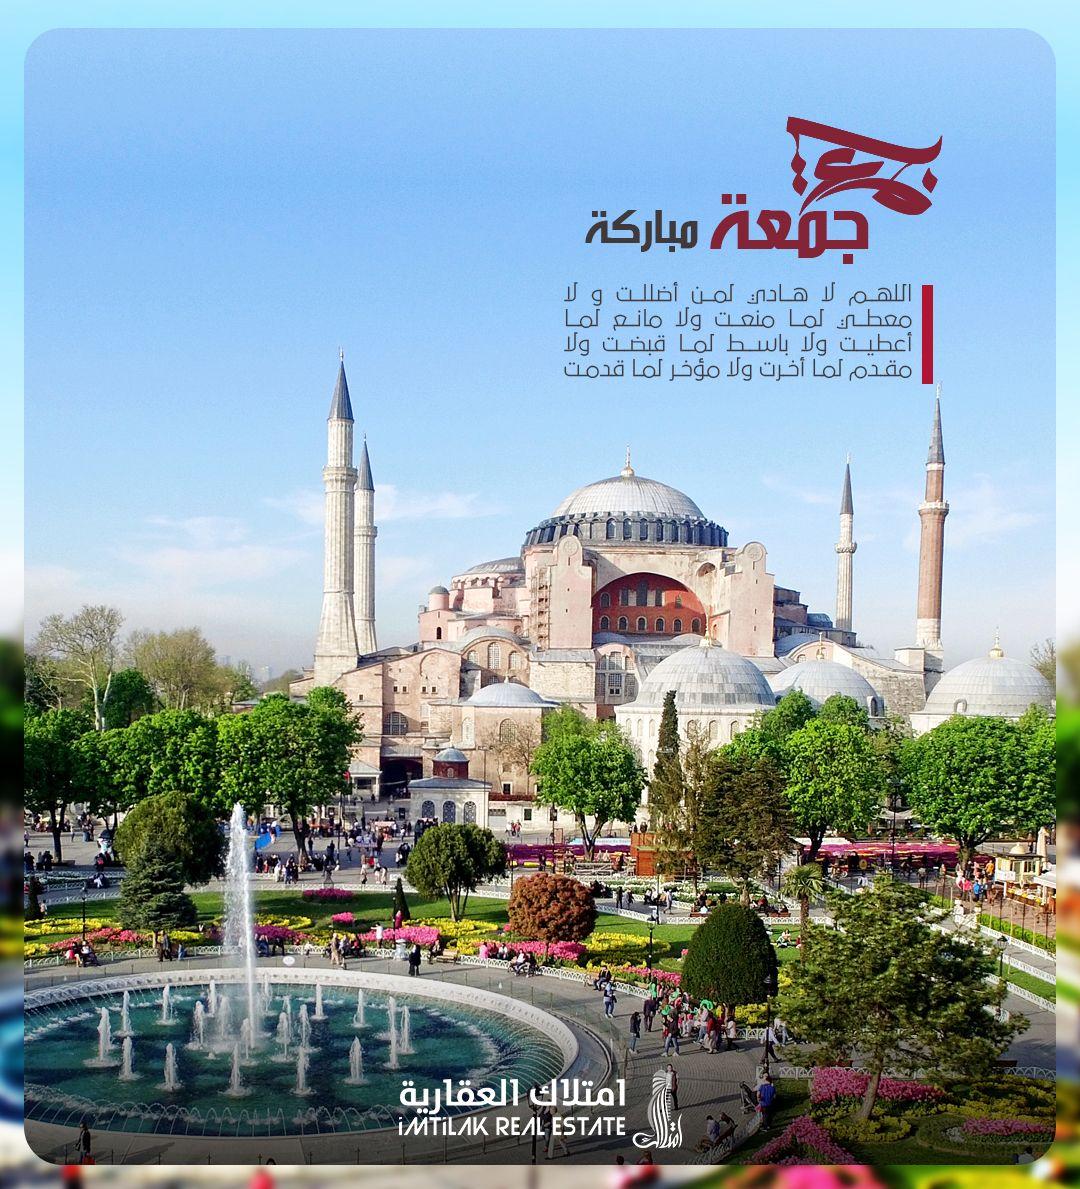 معلومات عن مسجد شاكرين اسطنبول وتصميمه المميز Mosque Taj Mahal Landmarks